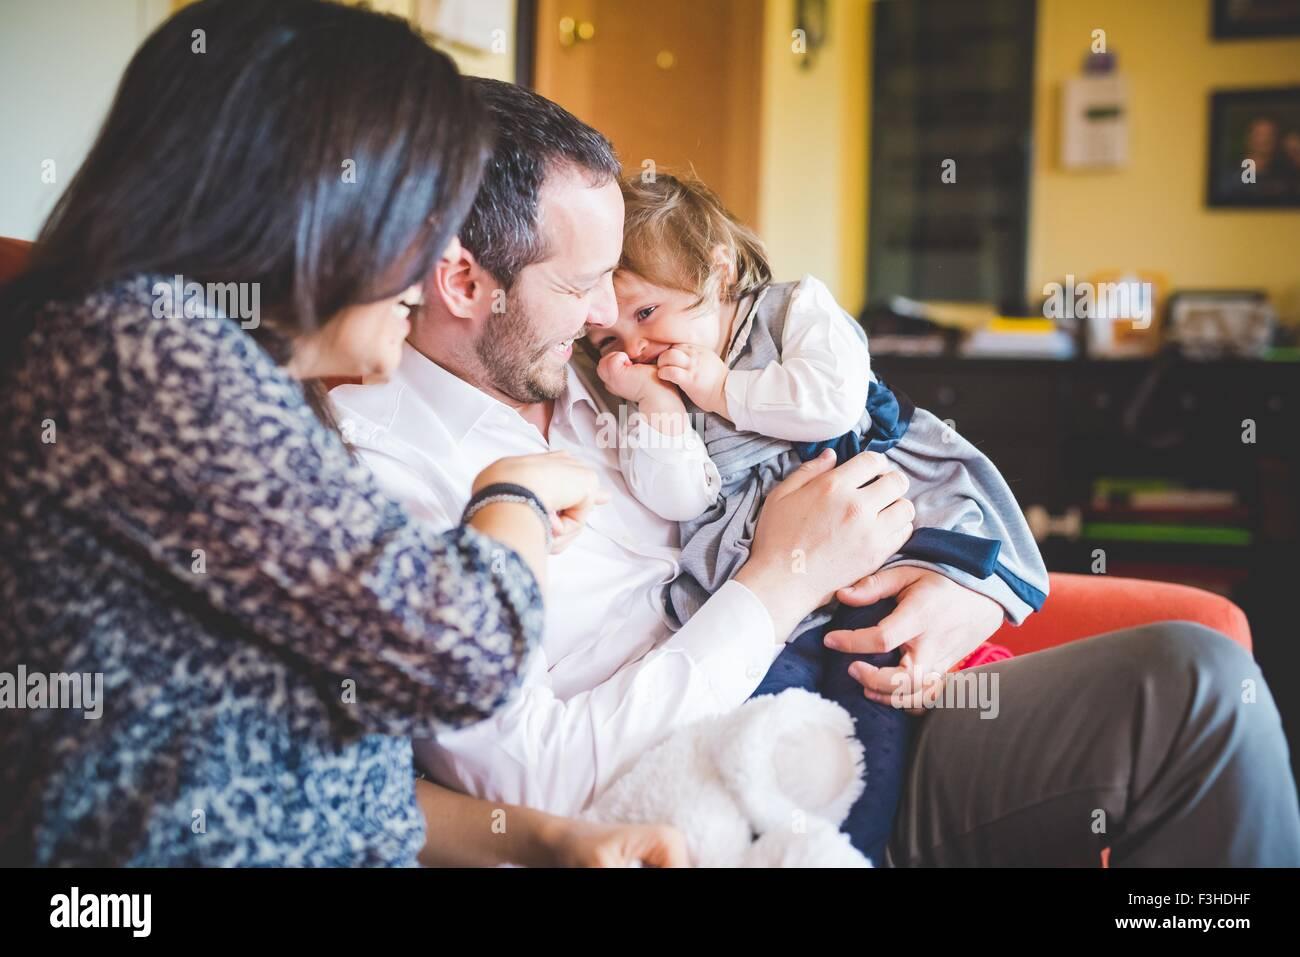 Timida femmina bambino seduto sul giro dei padri in salotto Immagini Stock